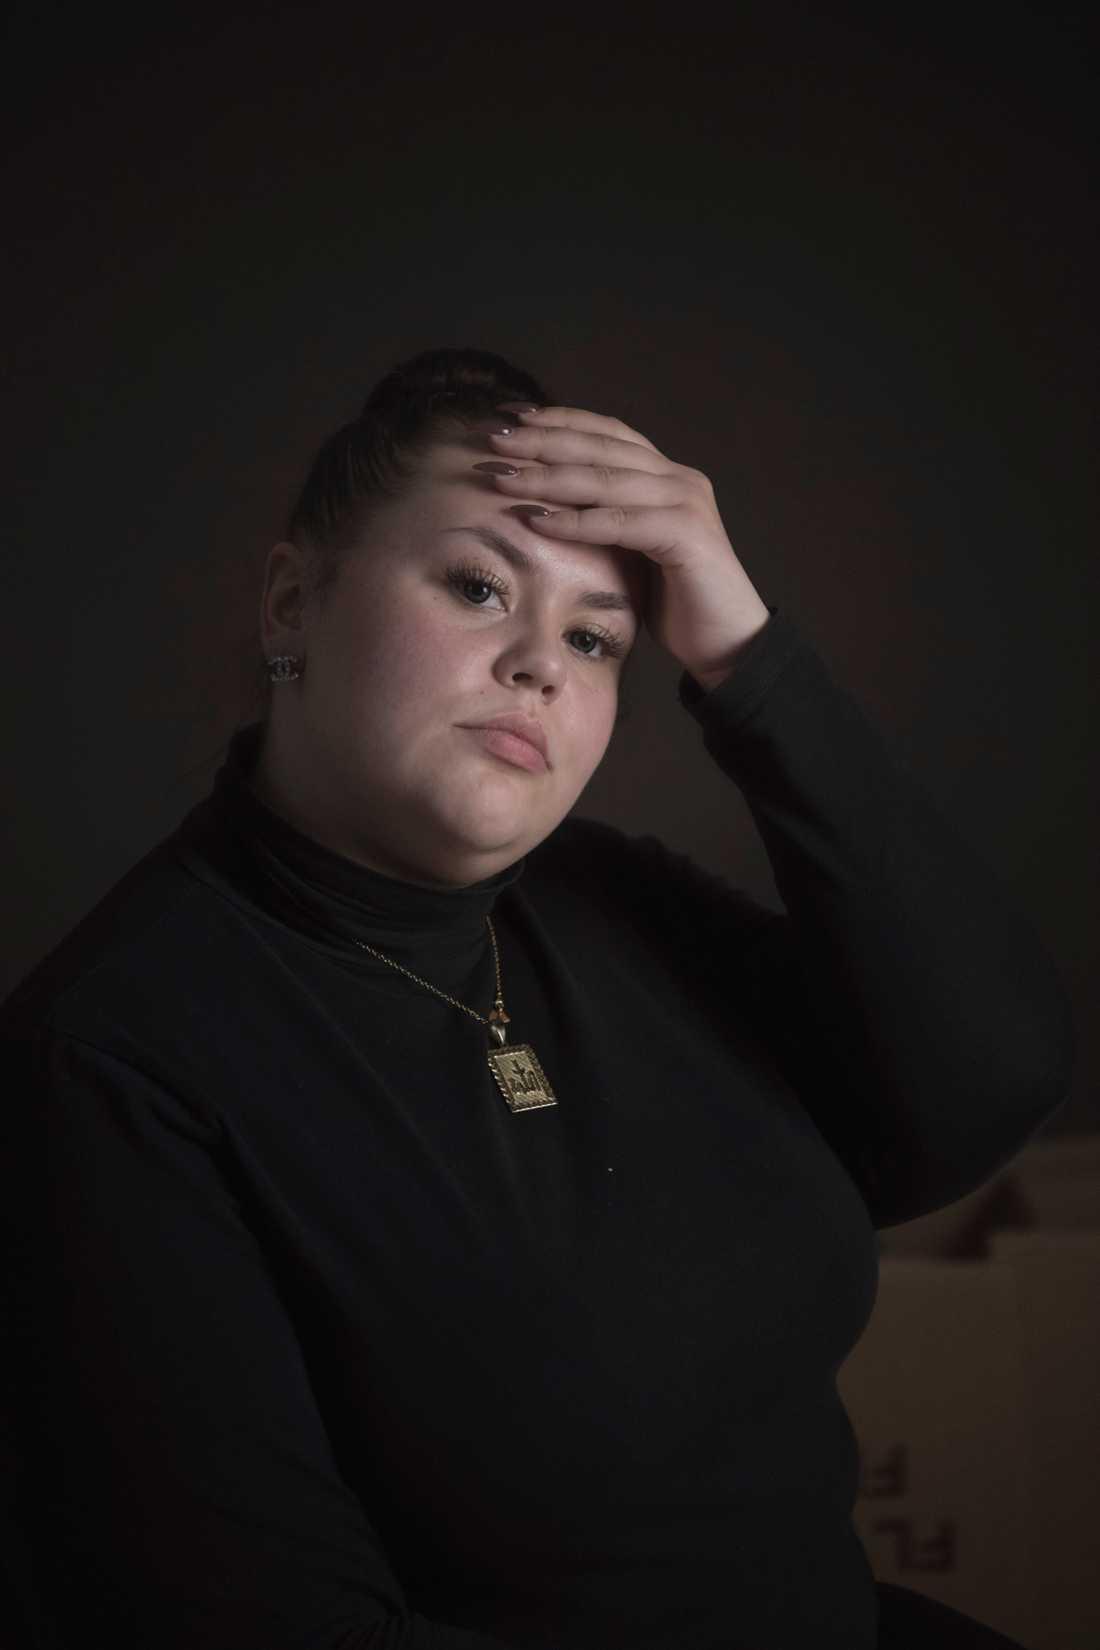 Livia, 18, säger att sexuella relationer mellan personalen och de intagna var vanligt.